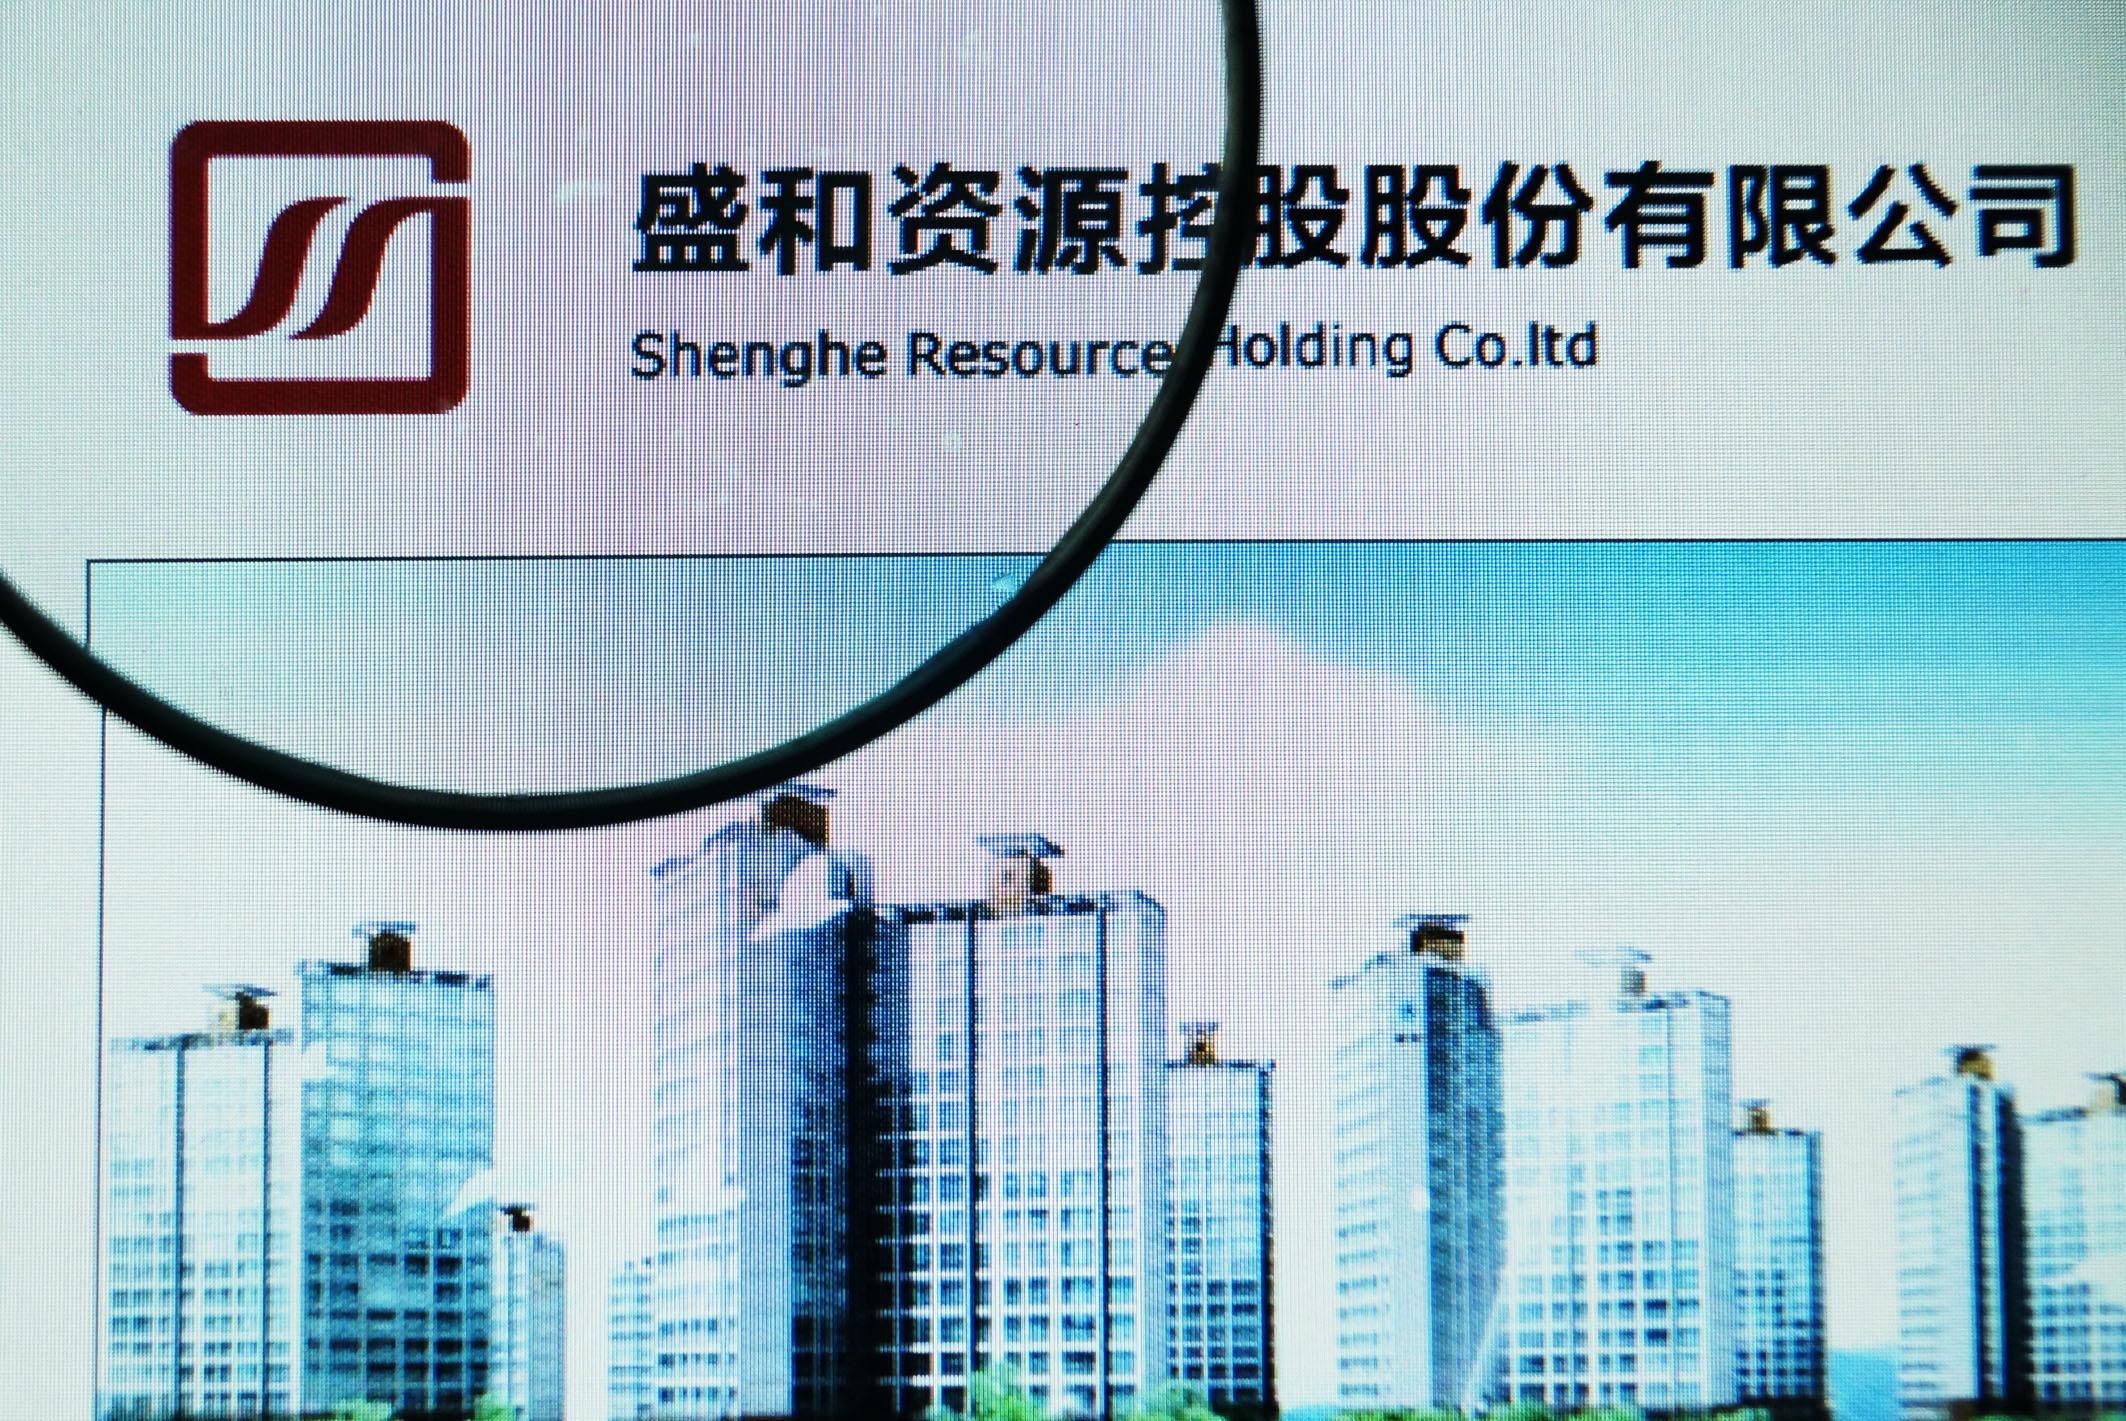 盛和资源打组合拳维稳股价 33亿并购增厚业绩净利涨四成